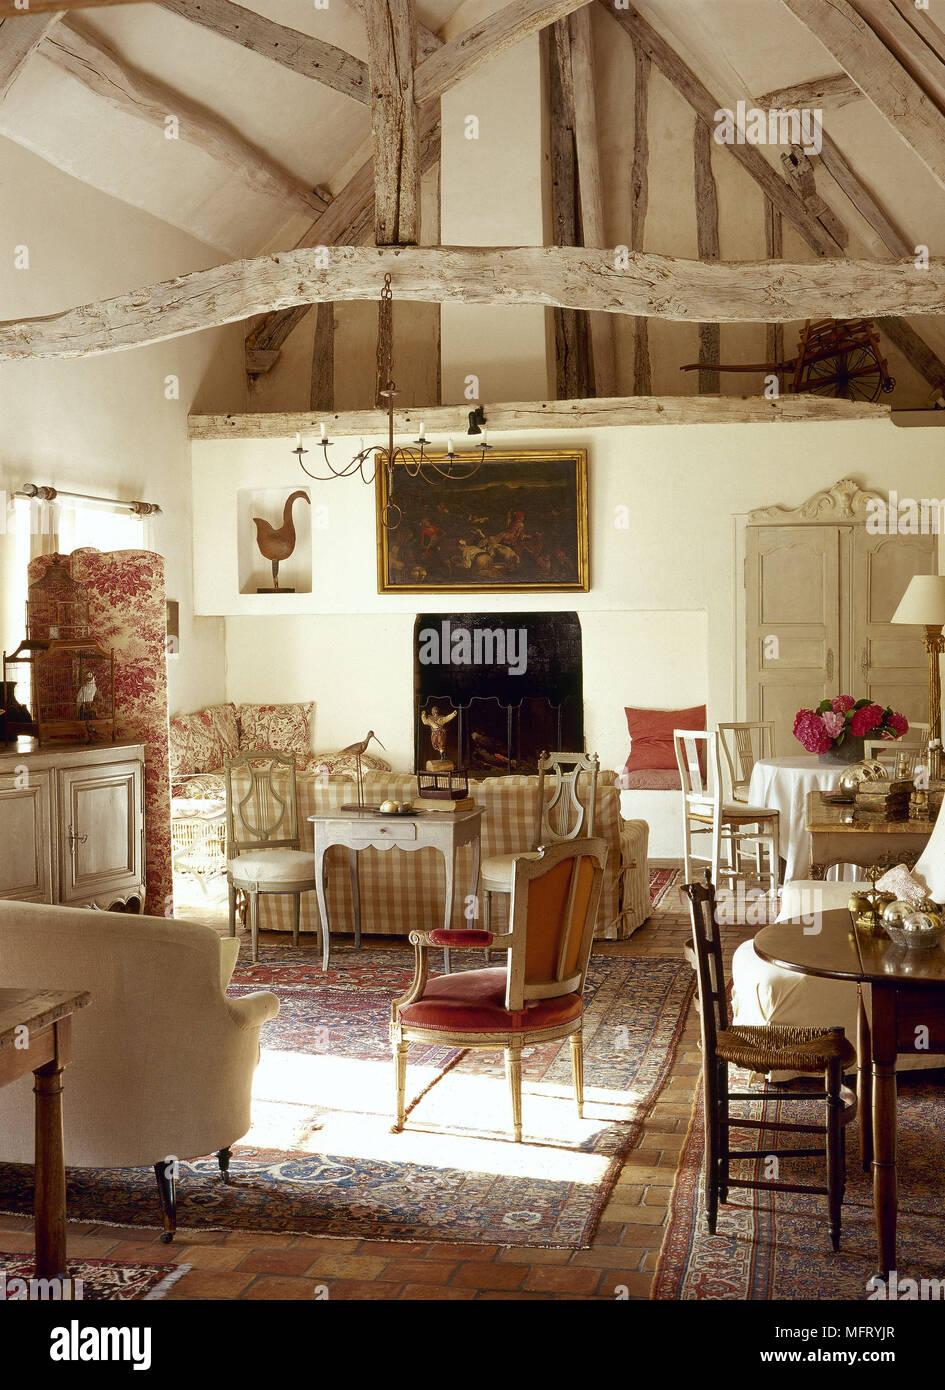 franzosische rustikalen bauernhaus wohnzimmer dachbalken stein tisch stuhle einrichtung zimmer ausgesetzt antiquitaten antike mobel fliesenboden truss